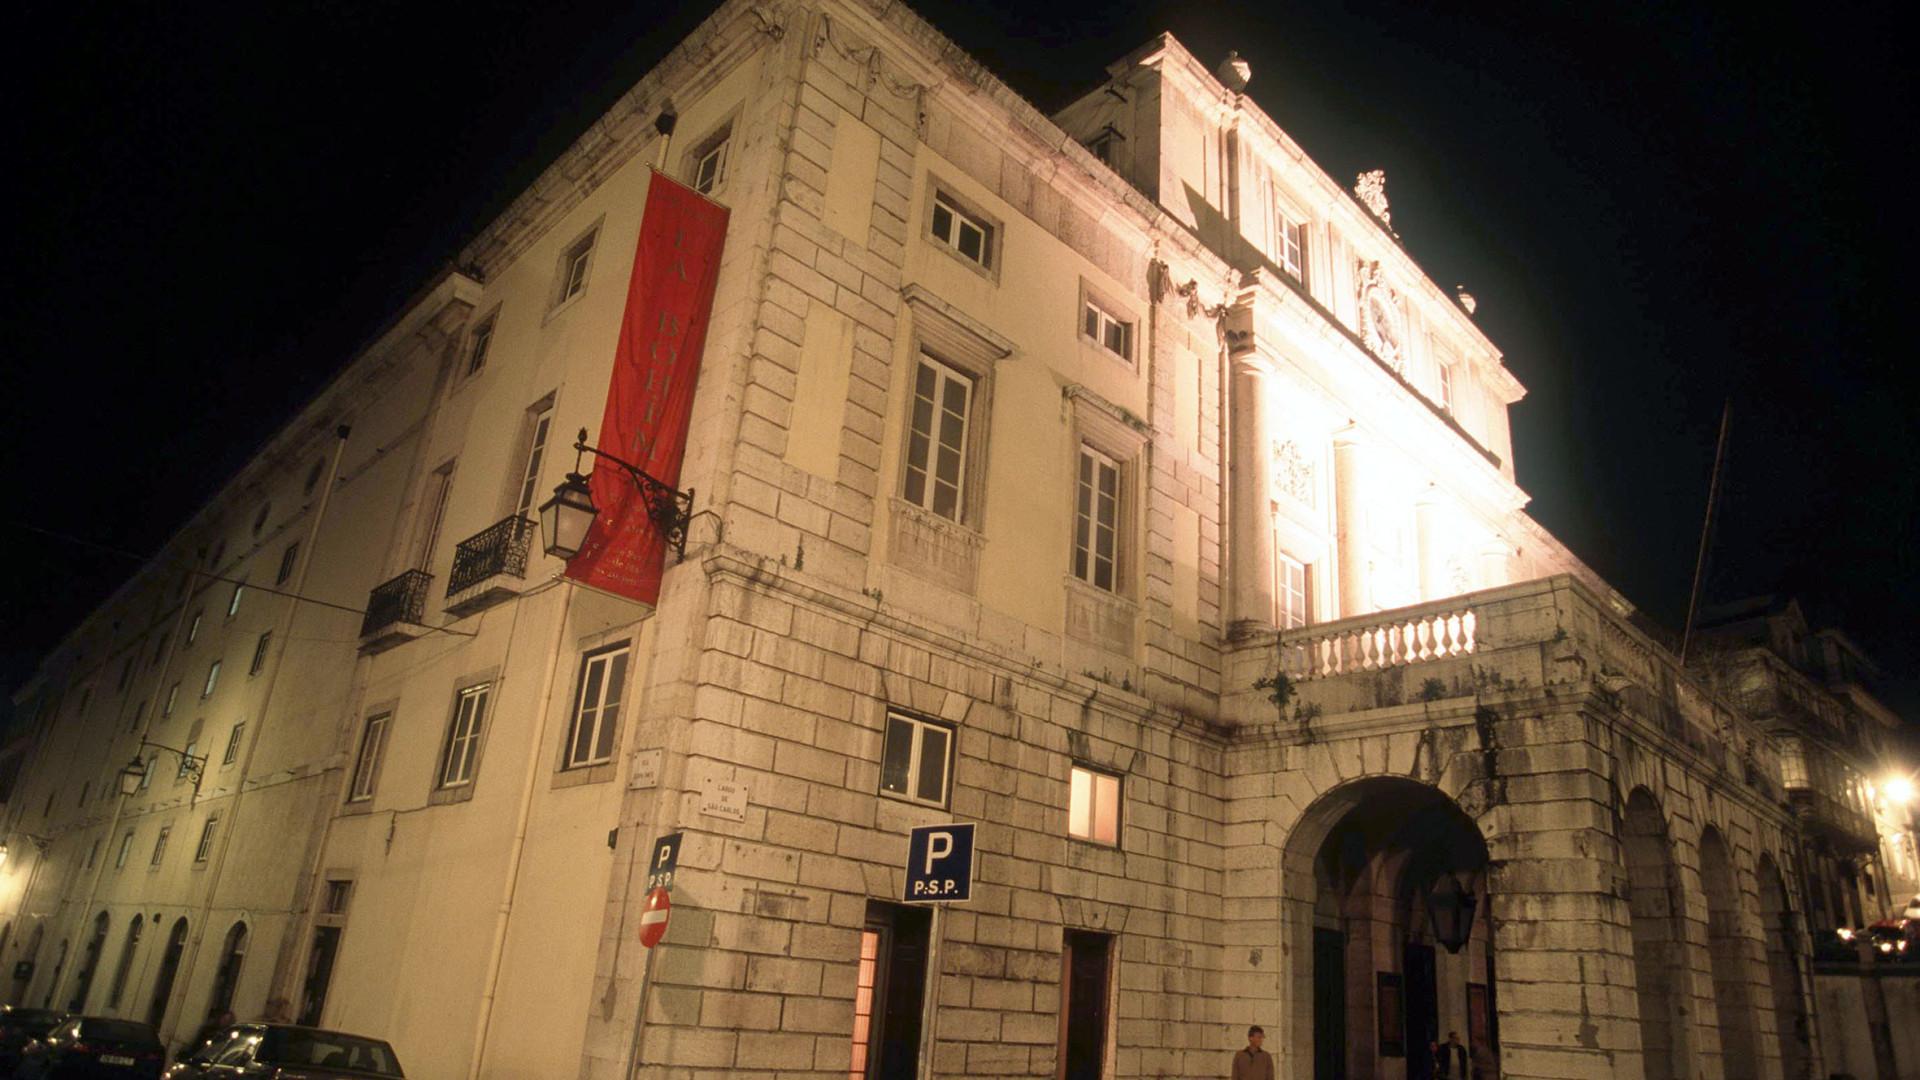 Ópera 'Idomeneo', de Mozart, estreia no sábado no Teatro S. Carlos